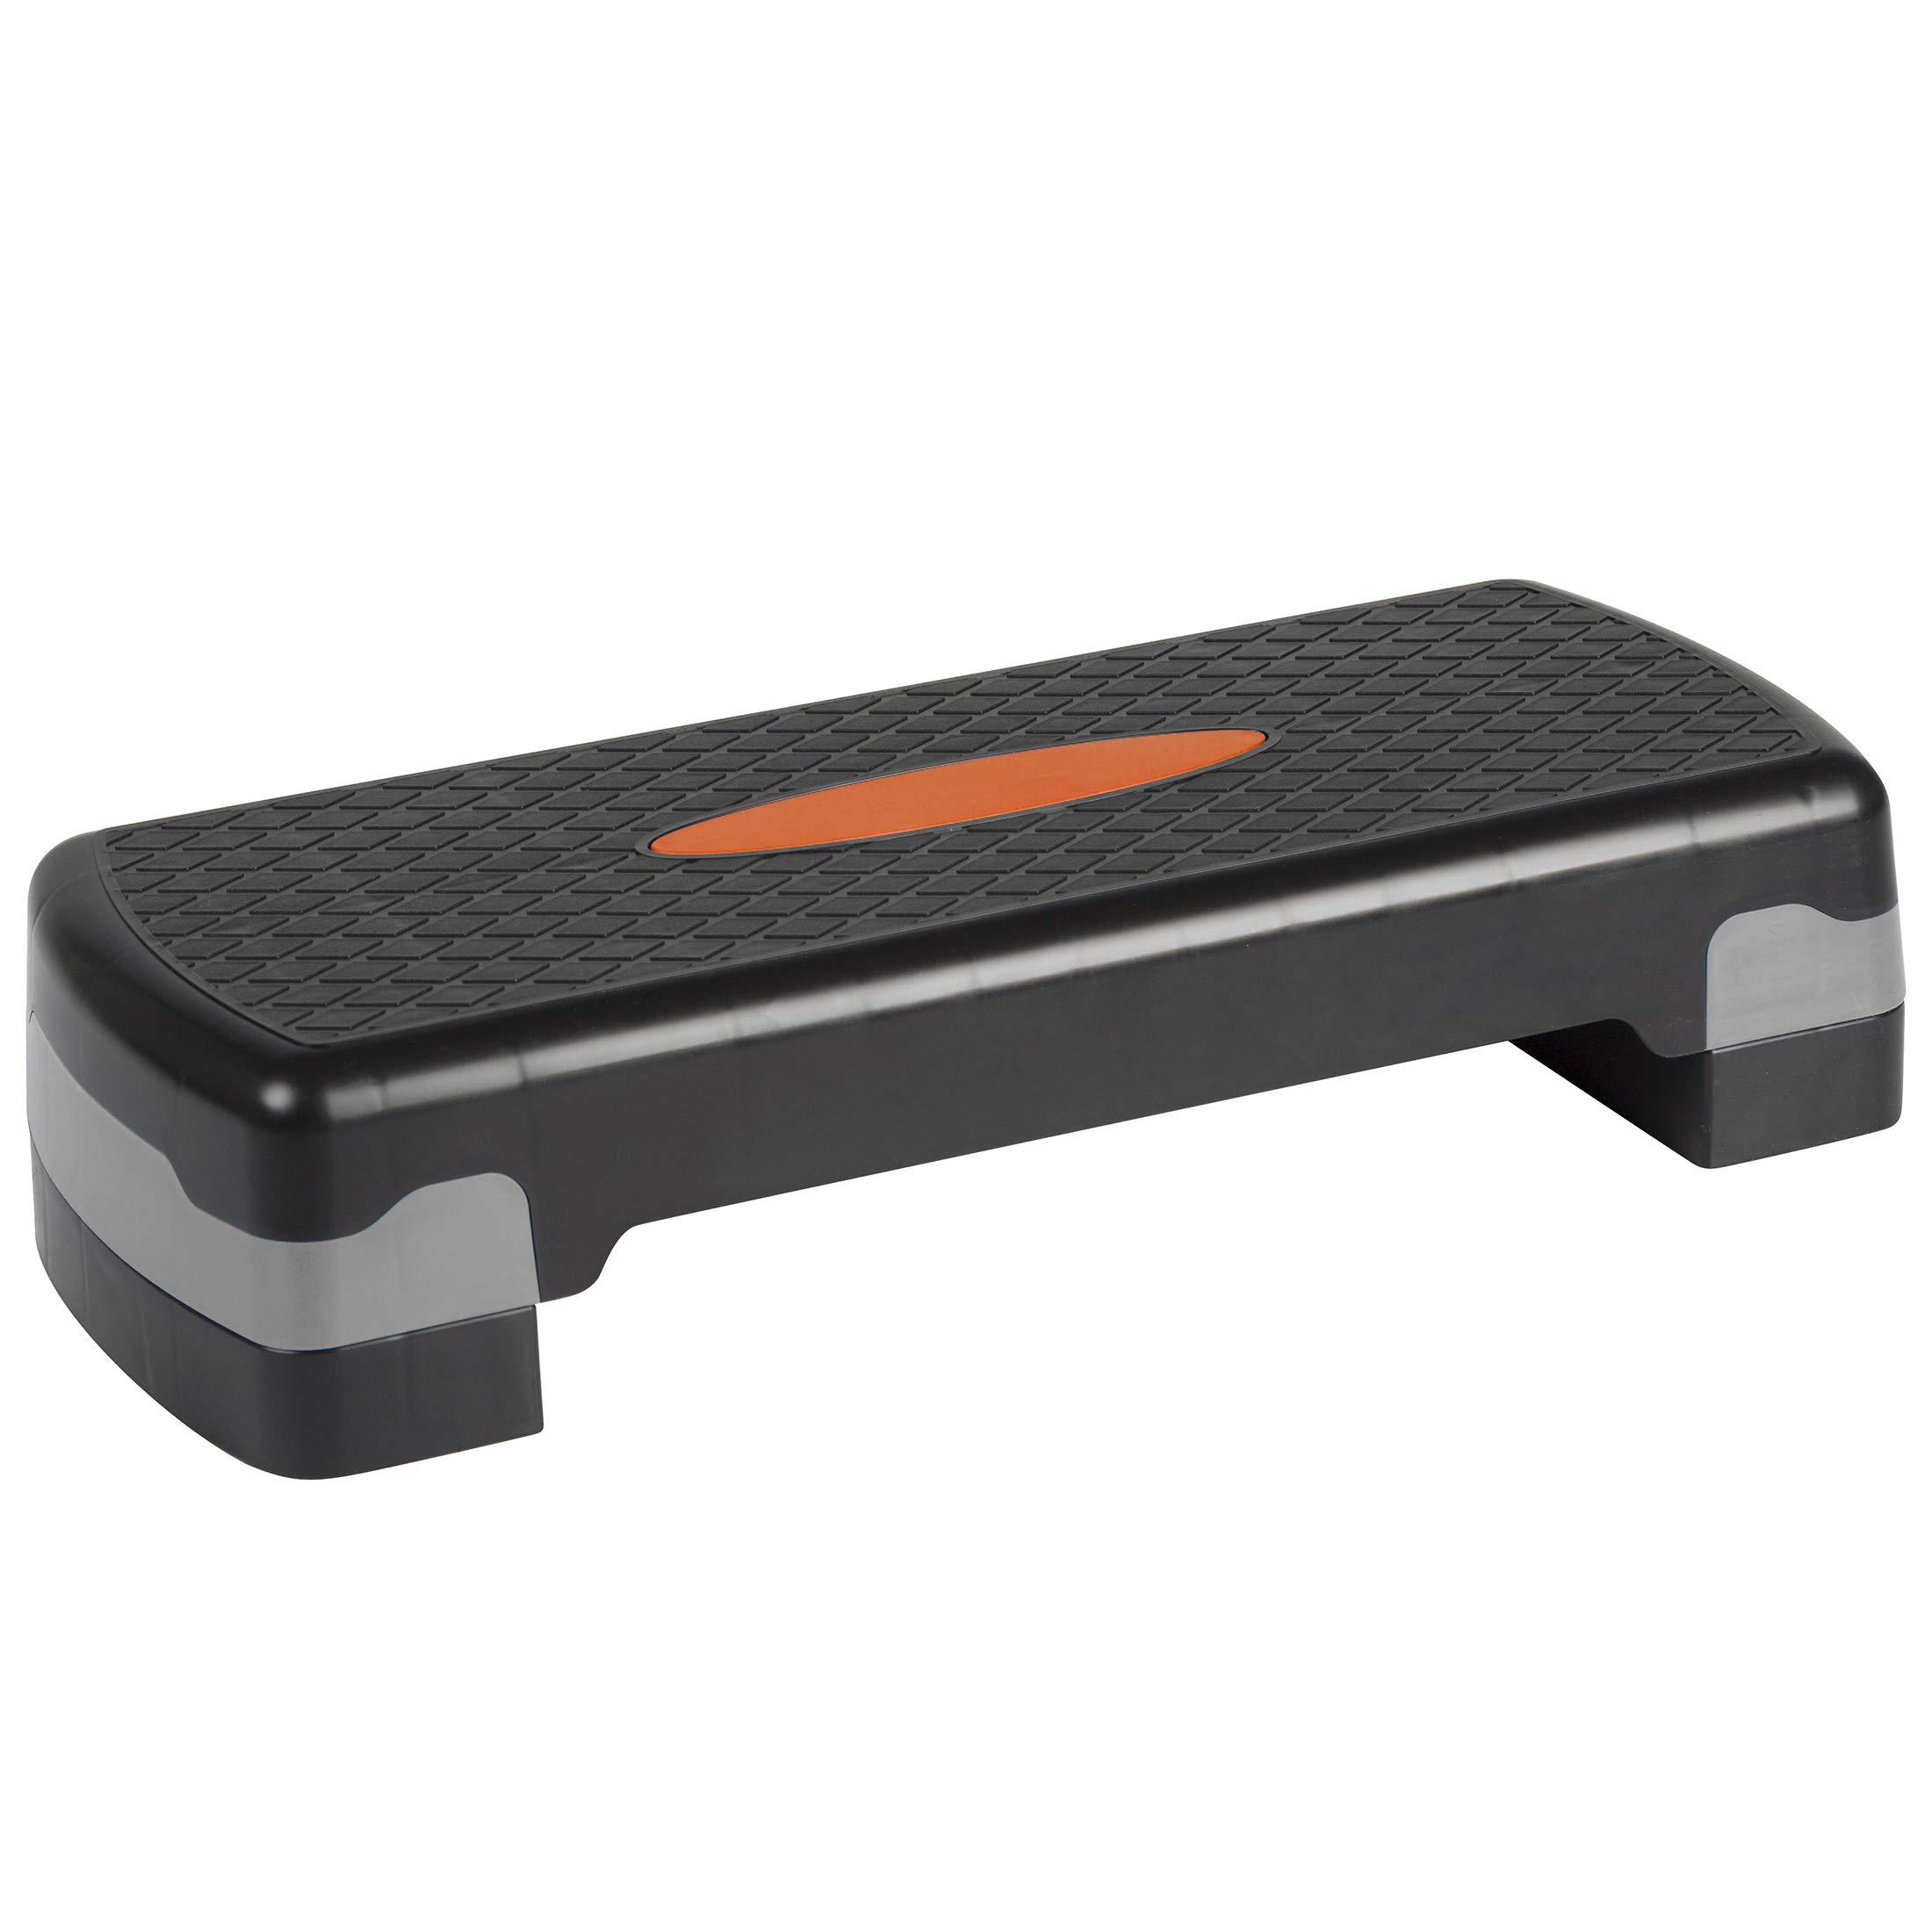 Ultrasport Step d'aérobic, réglable en hauteur, orange/noir product image